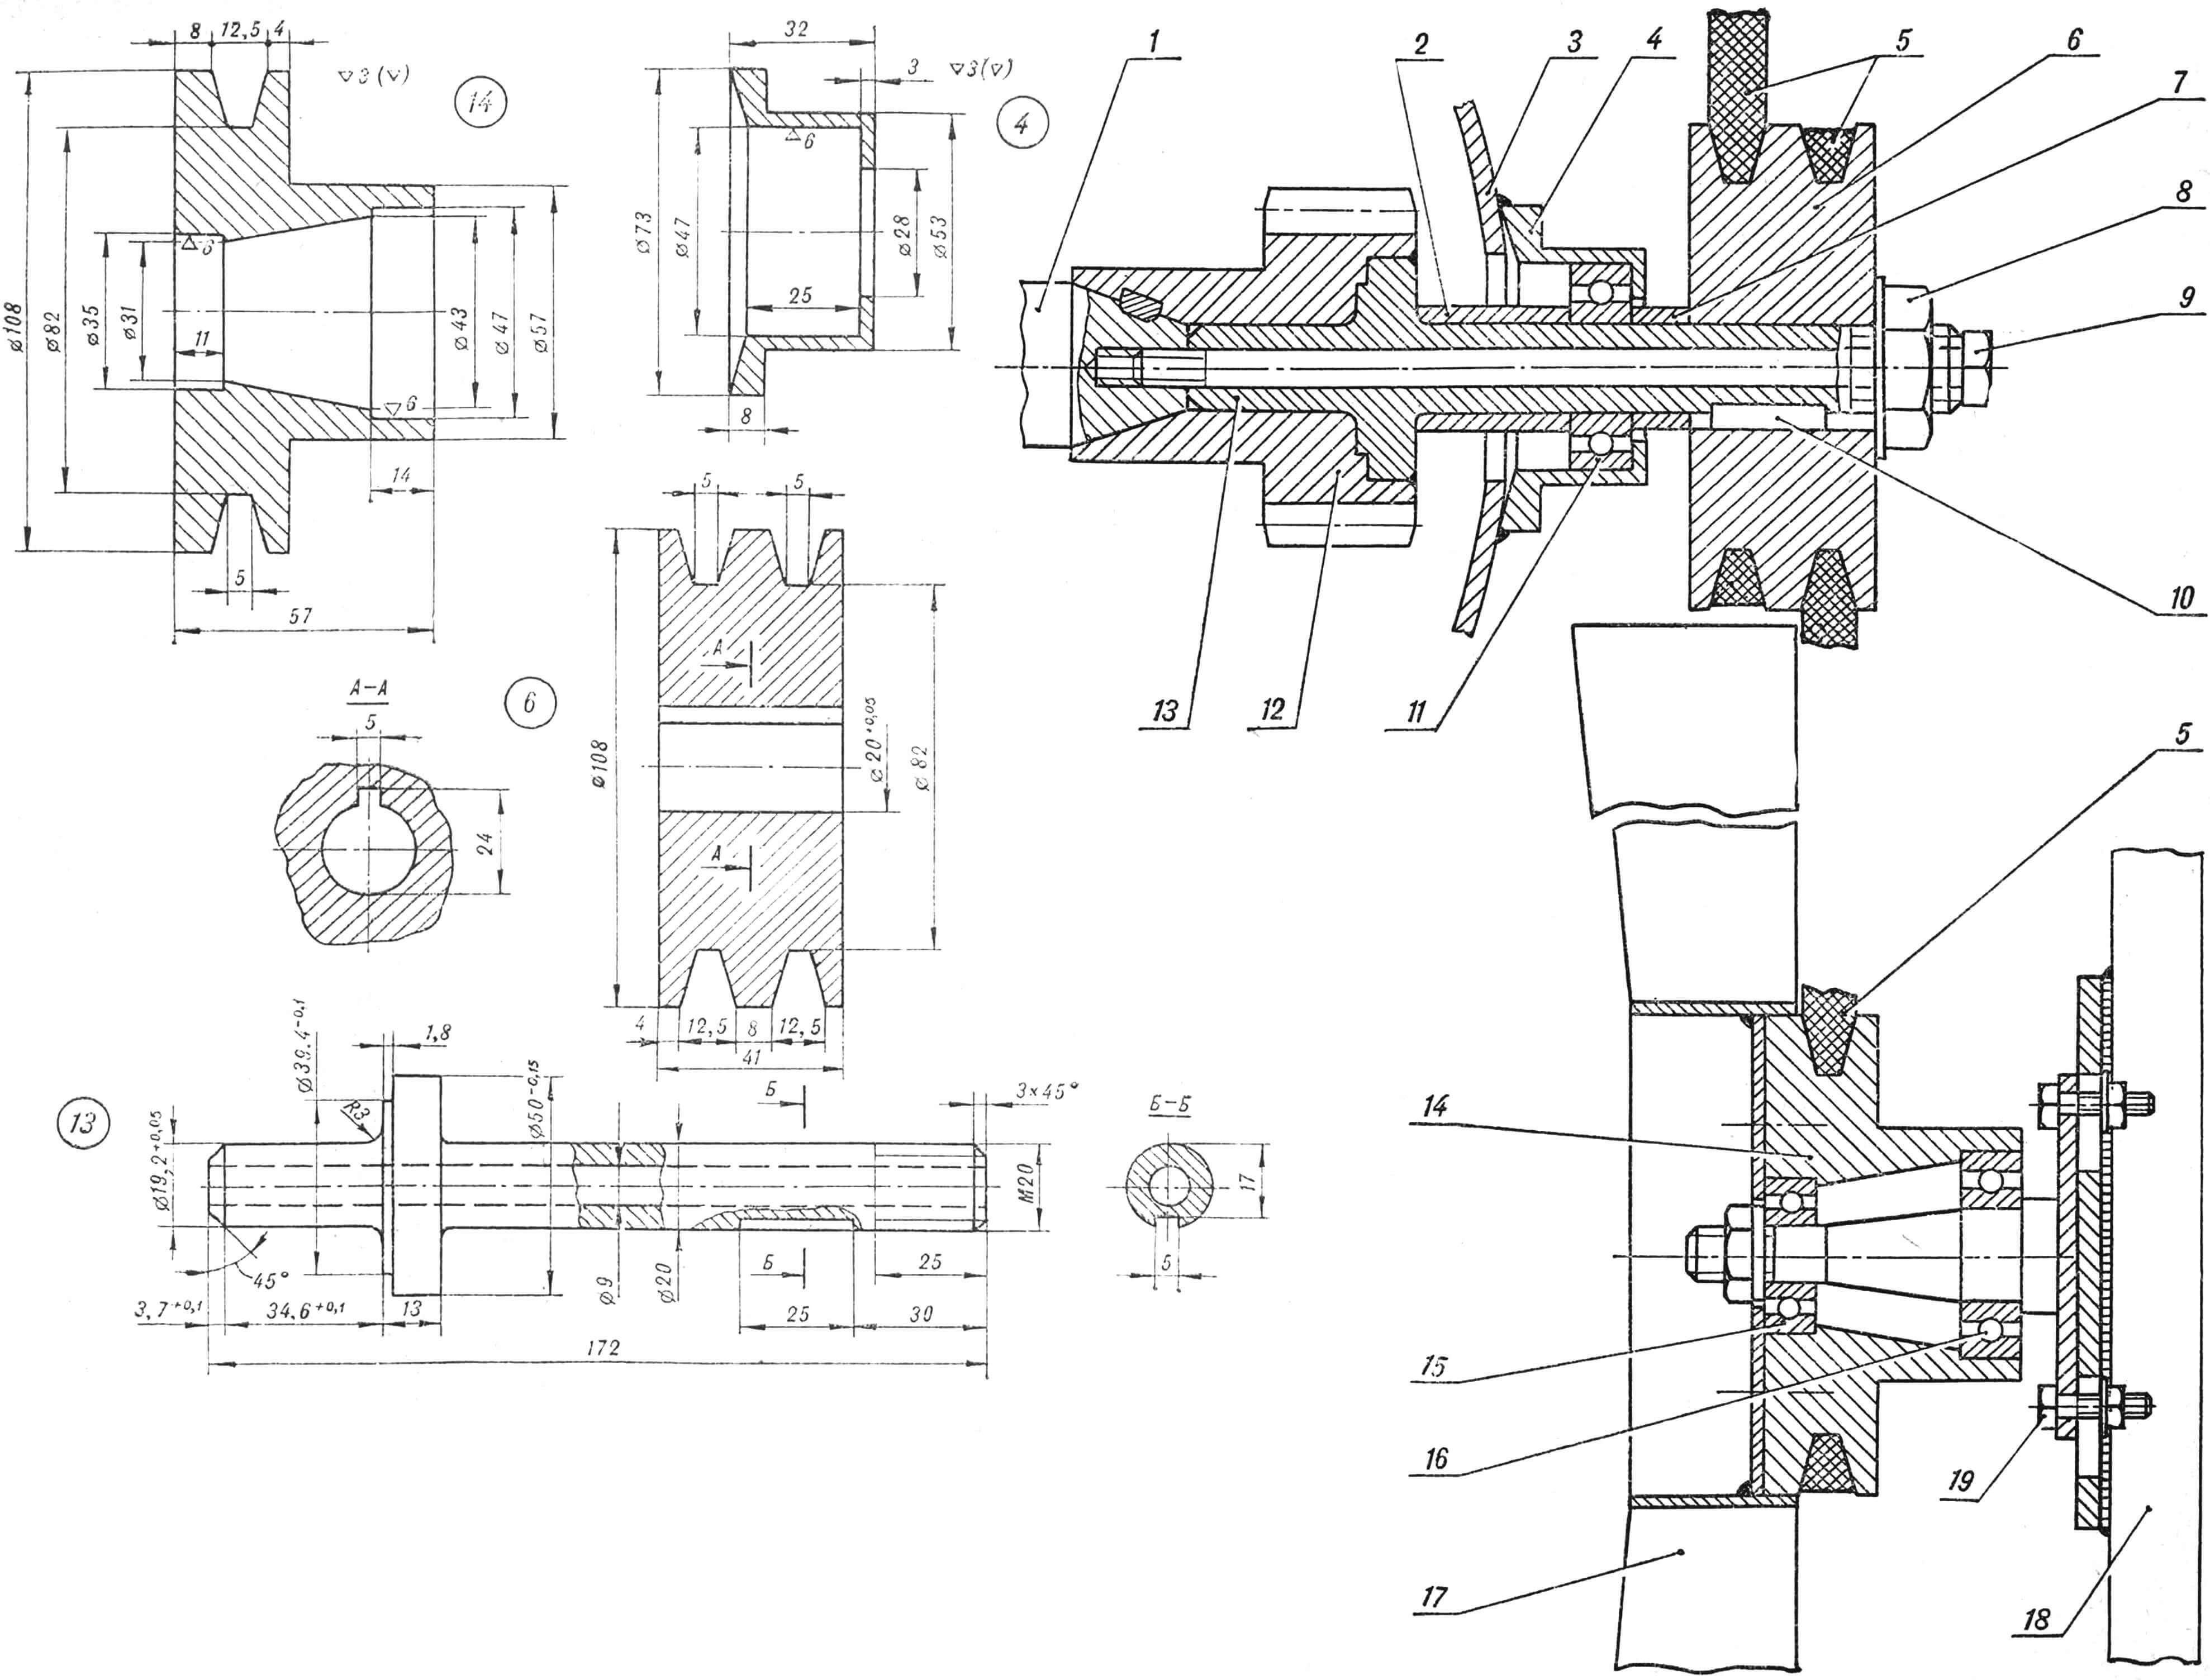 Рис. 3. Схема устройства воздушного охлаждения двигателя